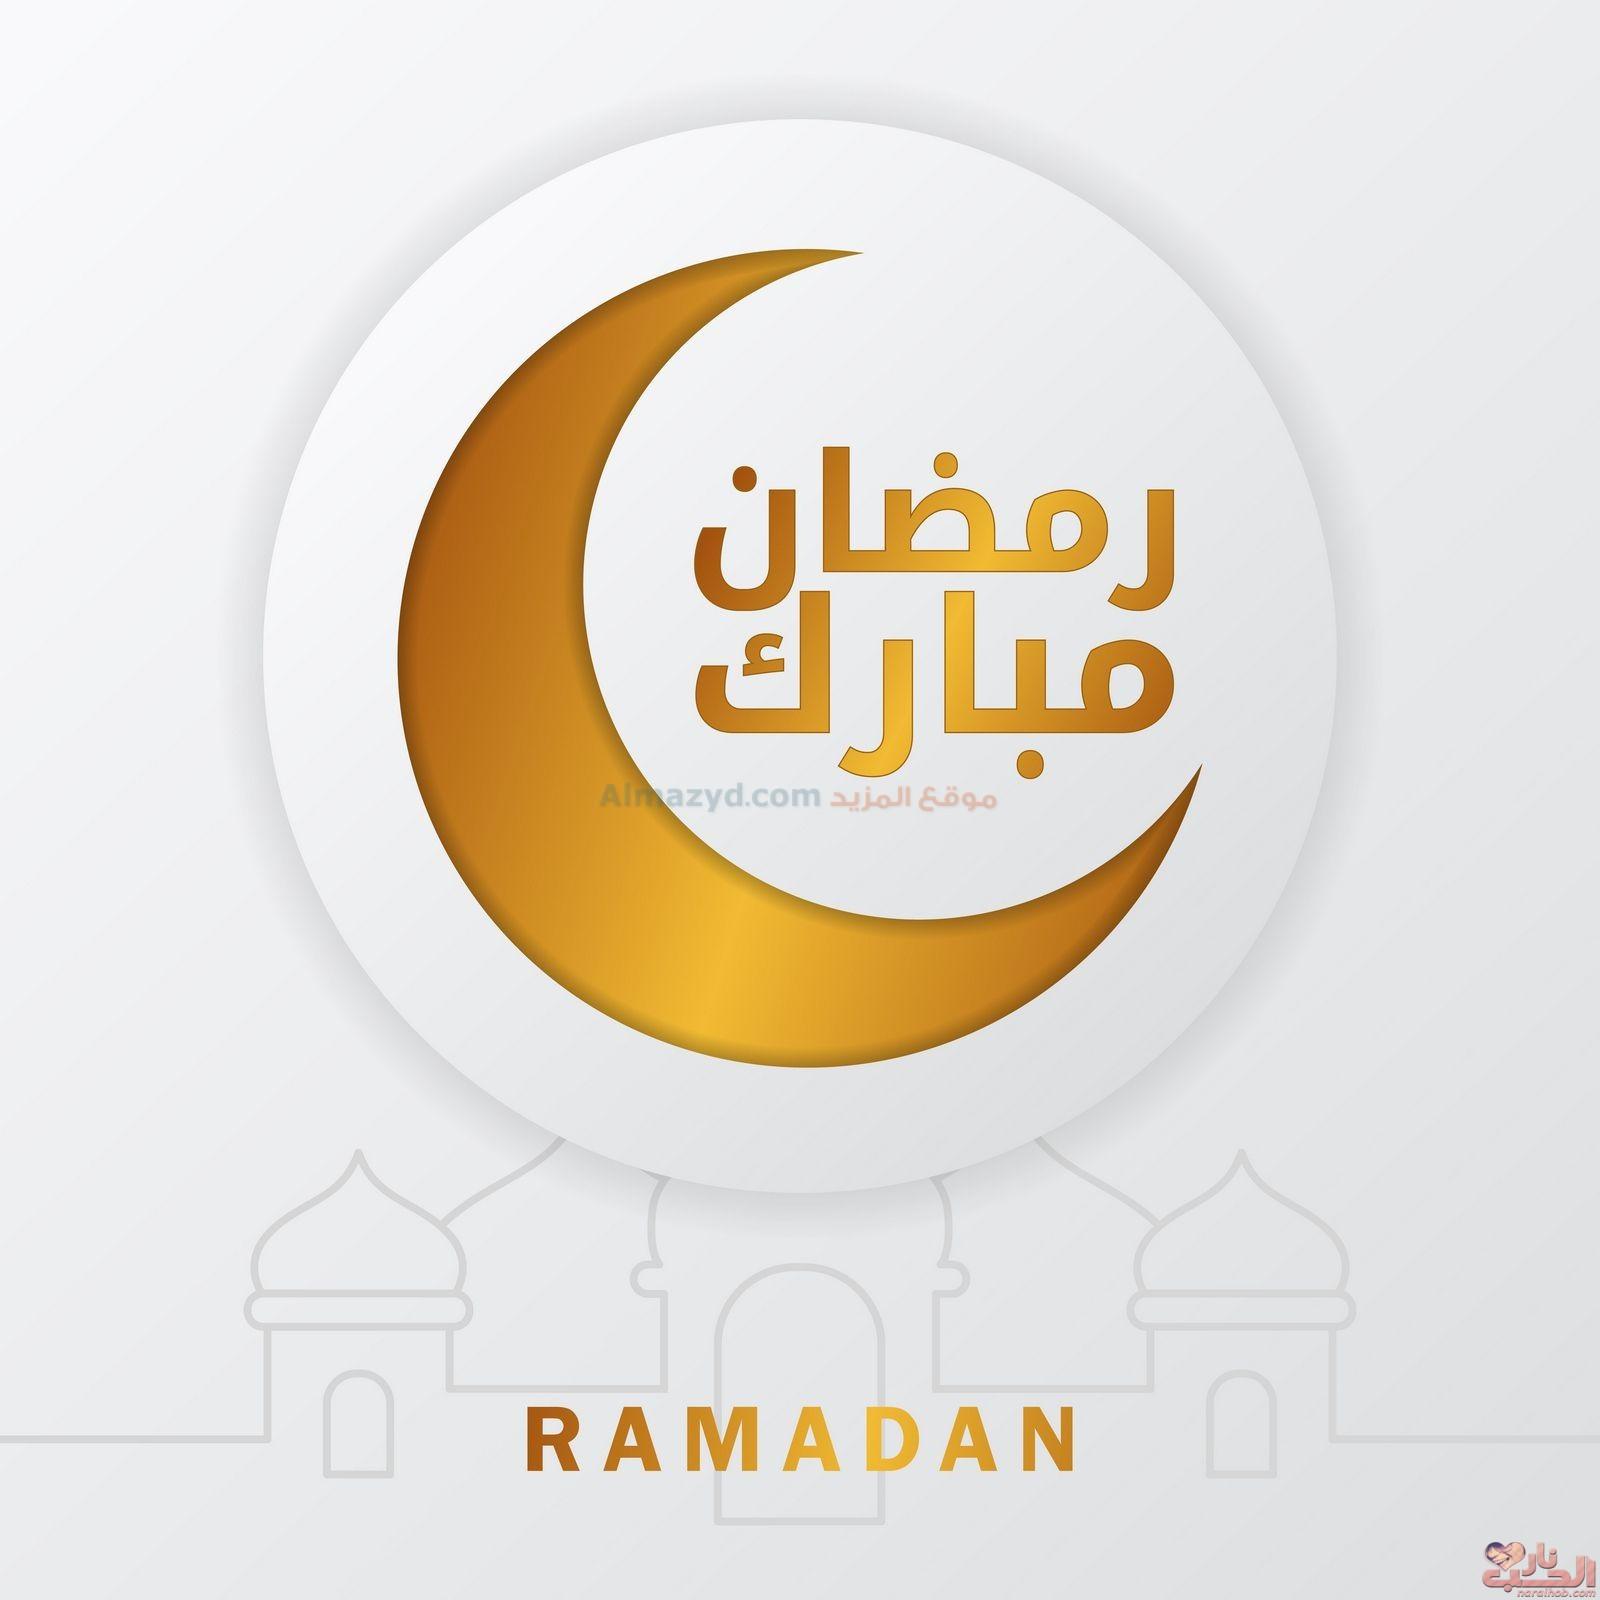 صوره رمضان مبارك للواتس